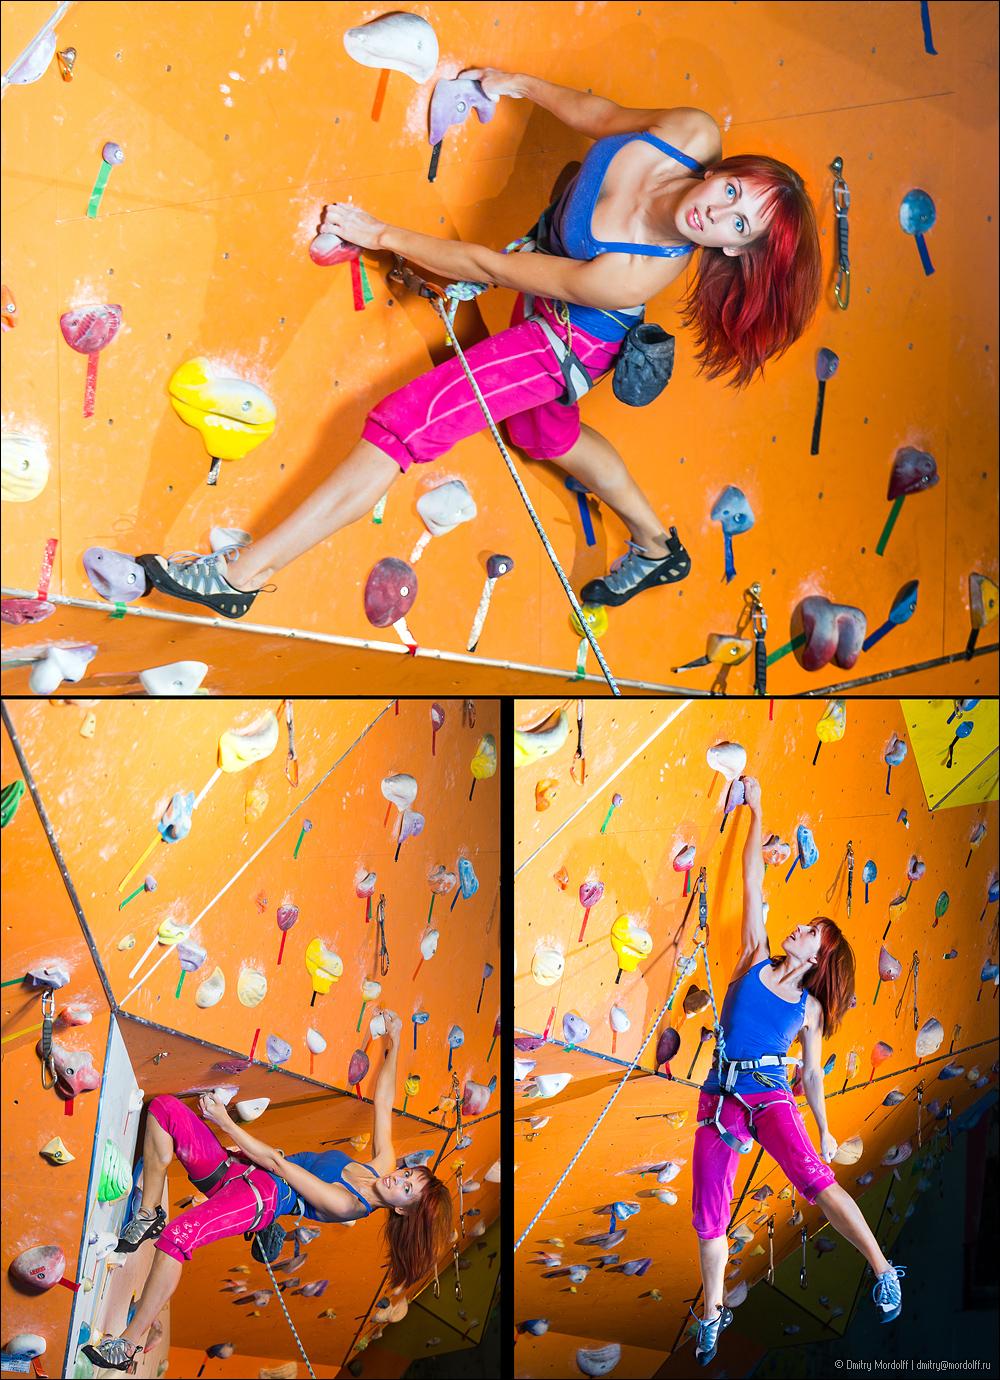 02_rock_climber_04